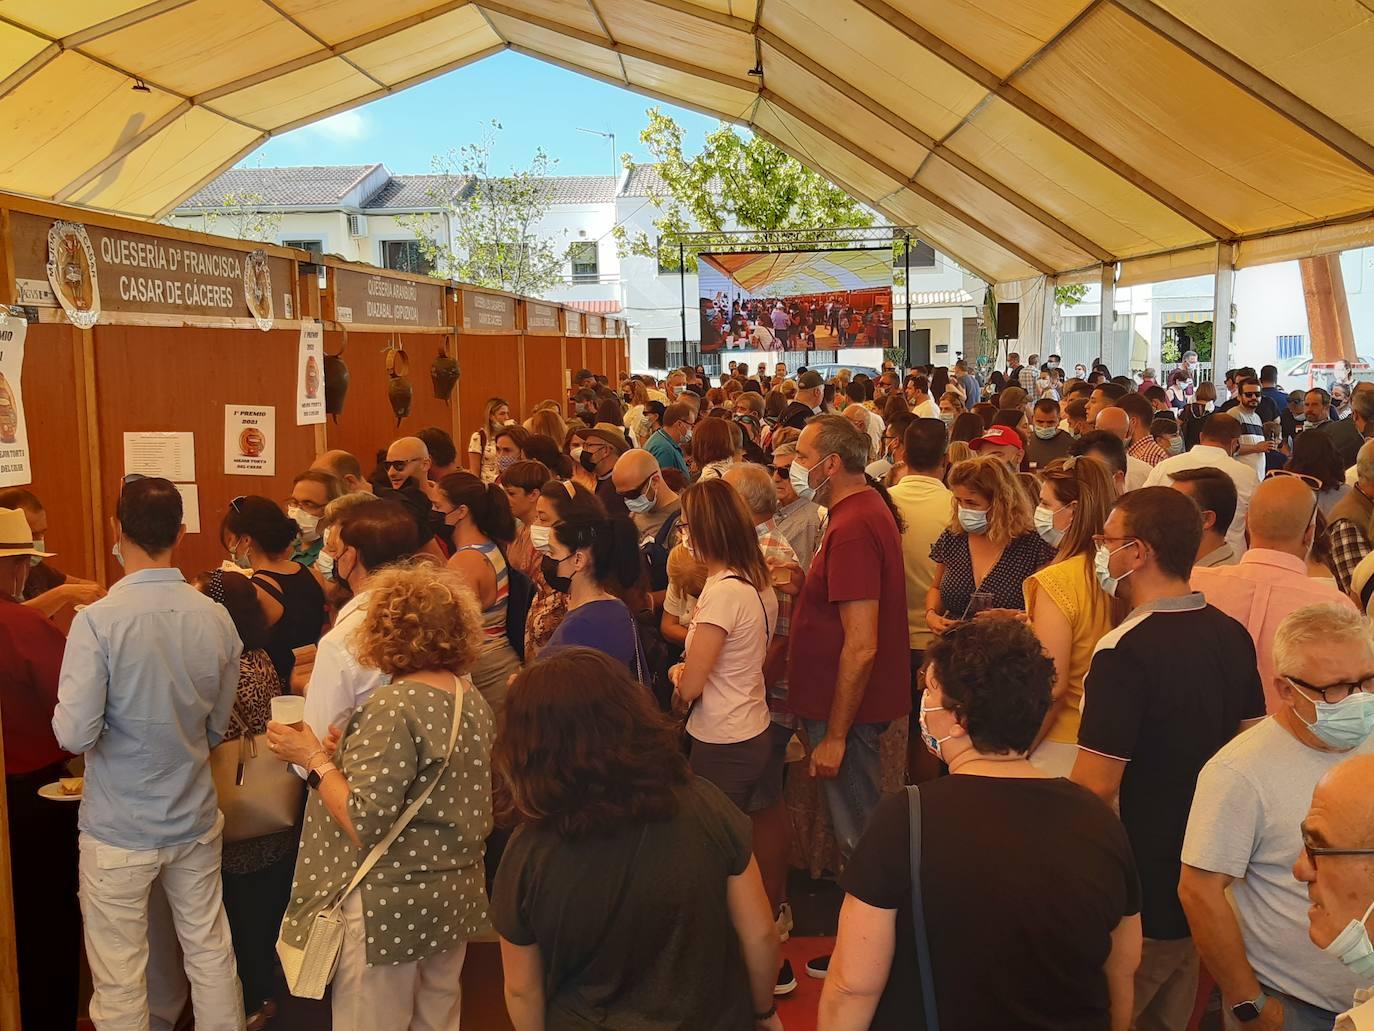 La V Feria Europea del Queso bate récord: 40.000 tickets de degustación vendidos en cuatro días